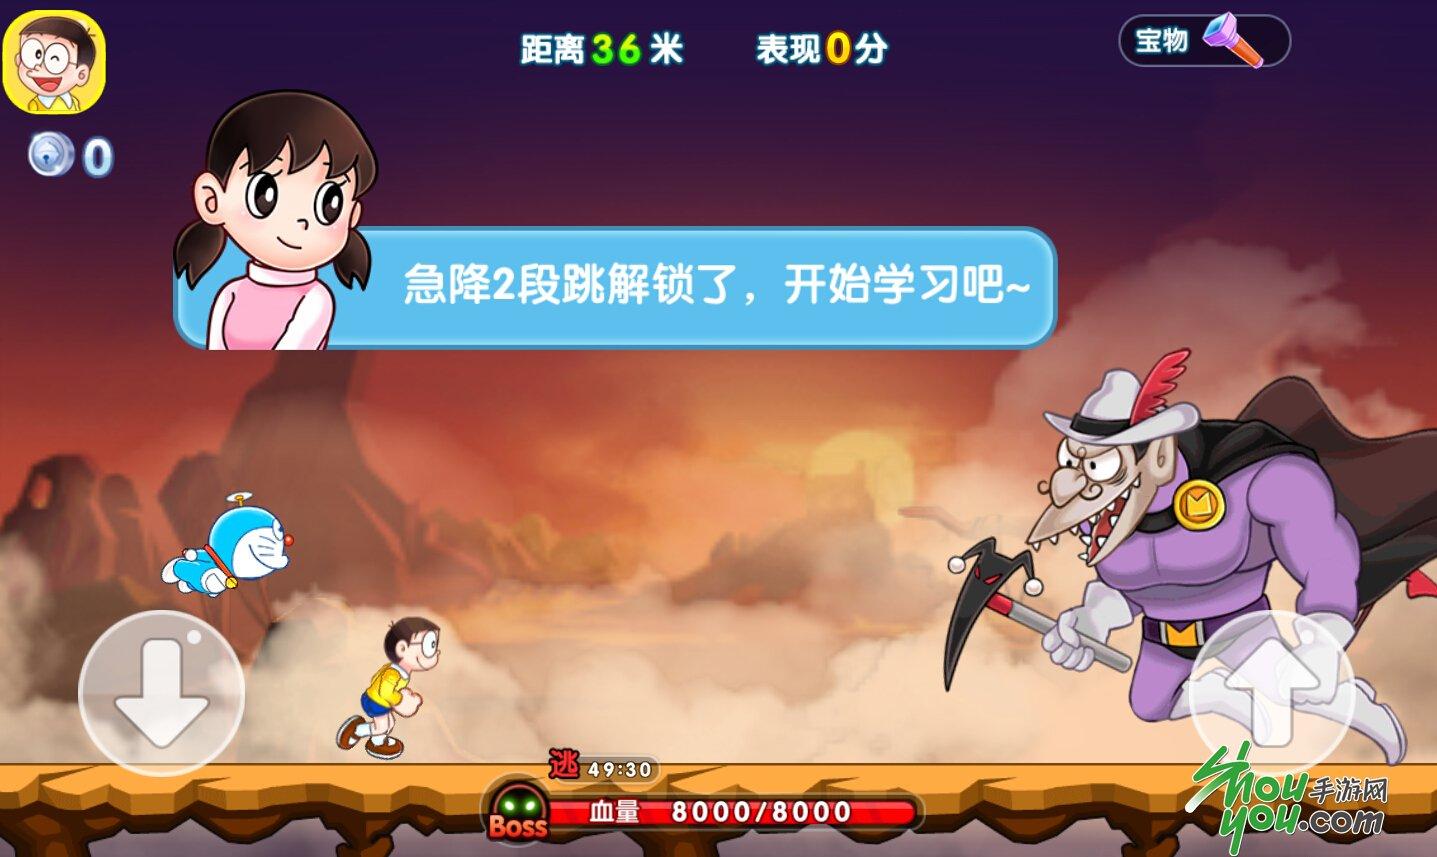 哆啦a梦冒险游戏_蓝胖子带你飞《哆啦a梦快跑大 冒险 》评测